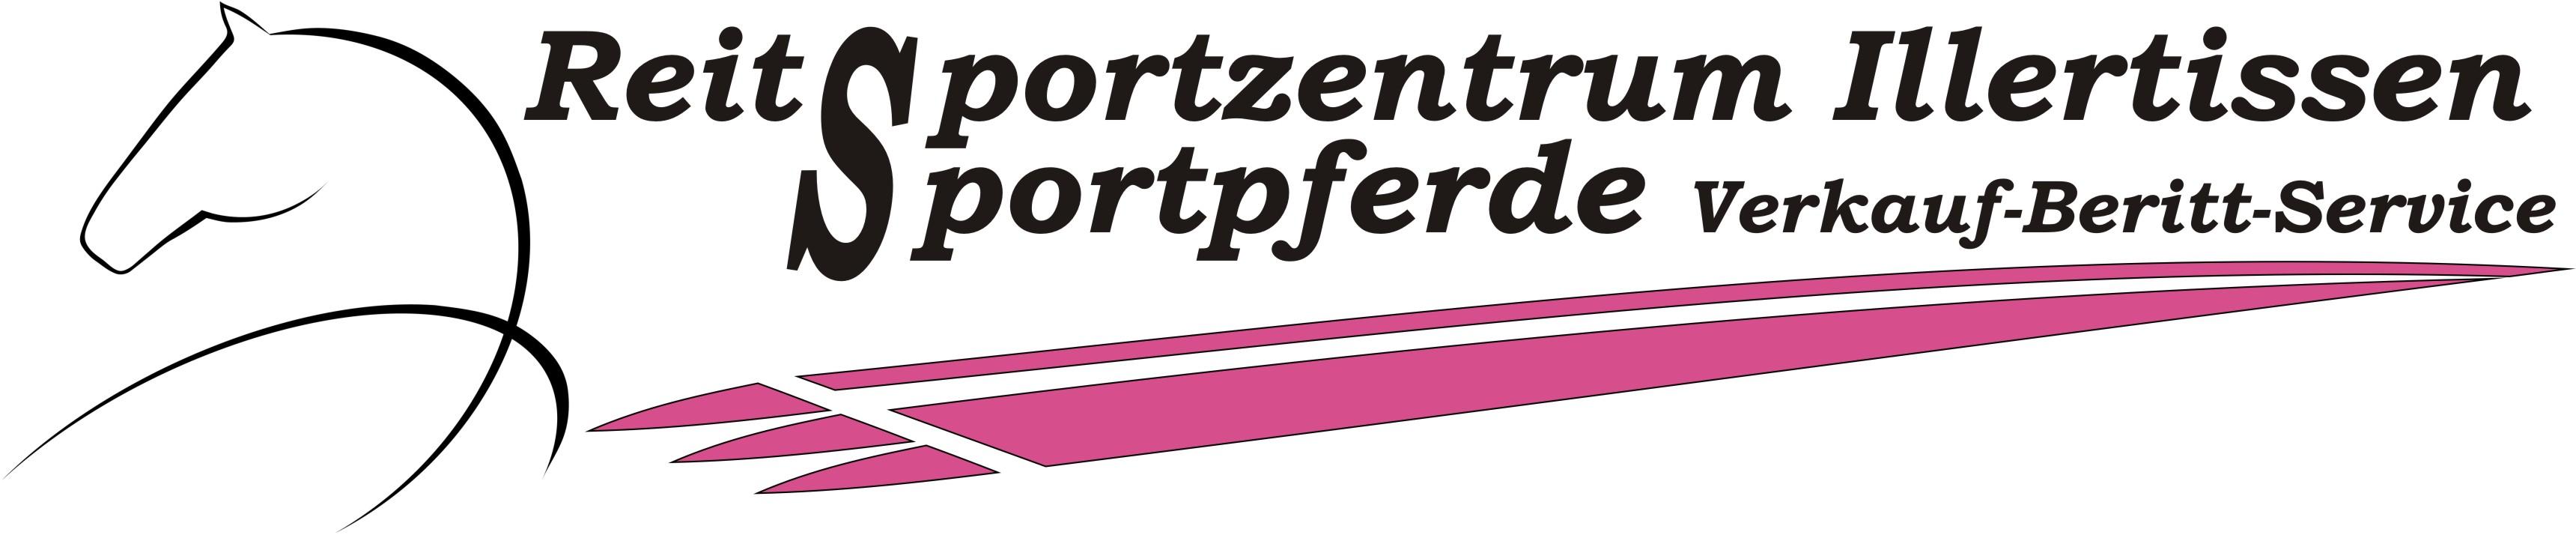 Reitsportzentrum Illertissen